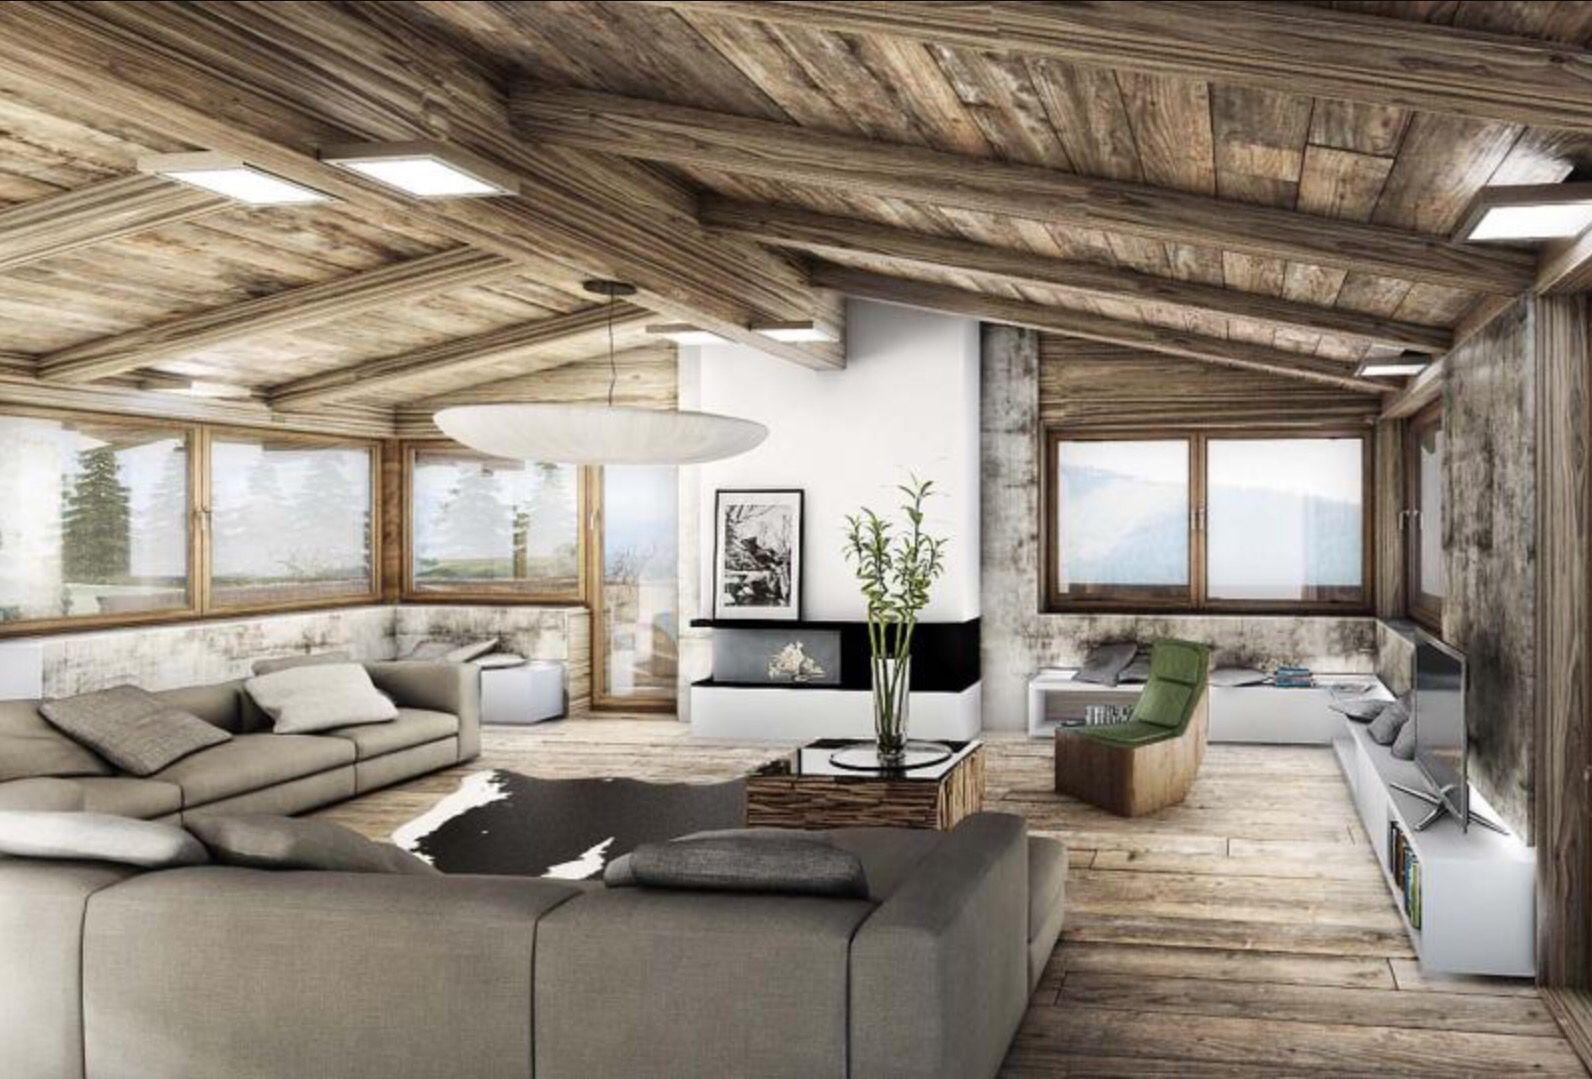 Liegewiese wohnzimmer ~ Chalet kitzbühel Österreich wohnen pinterest kitzbühel